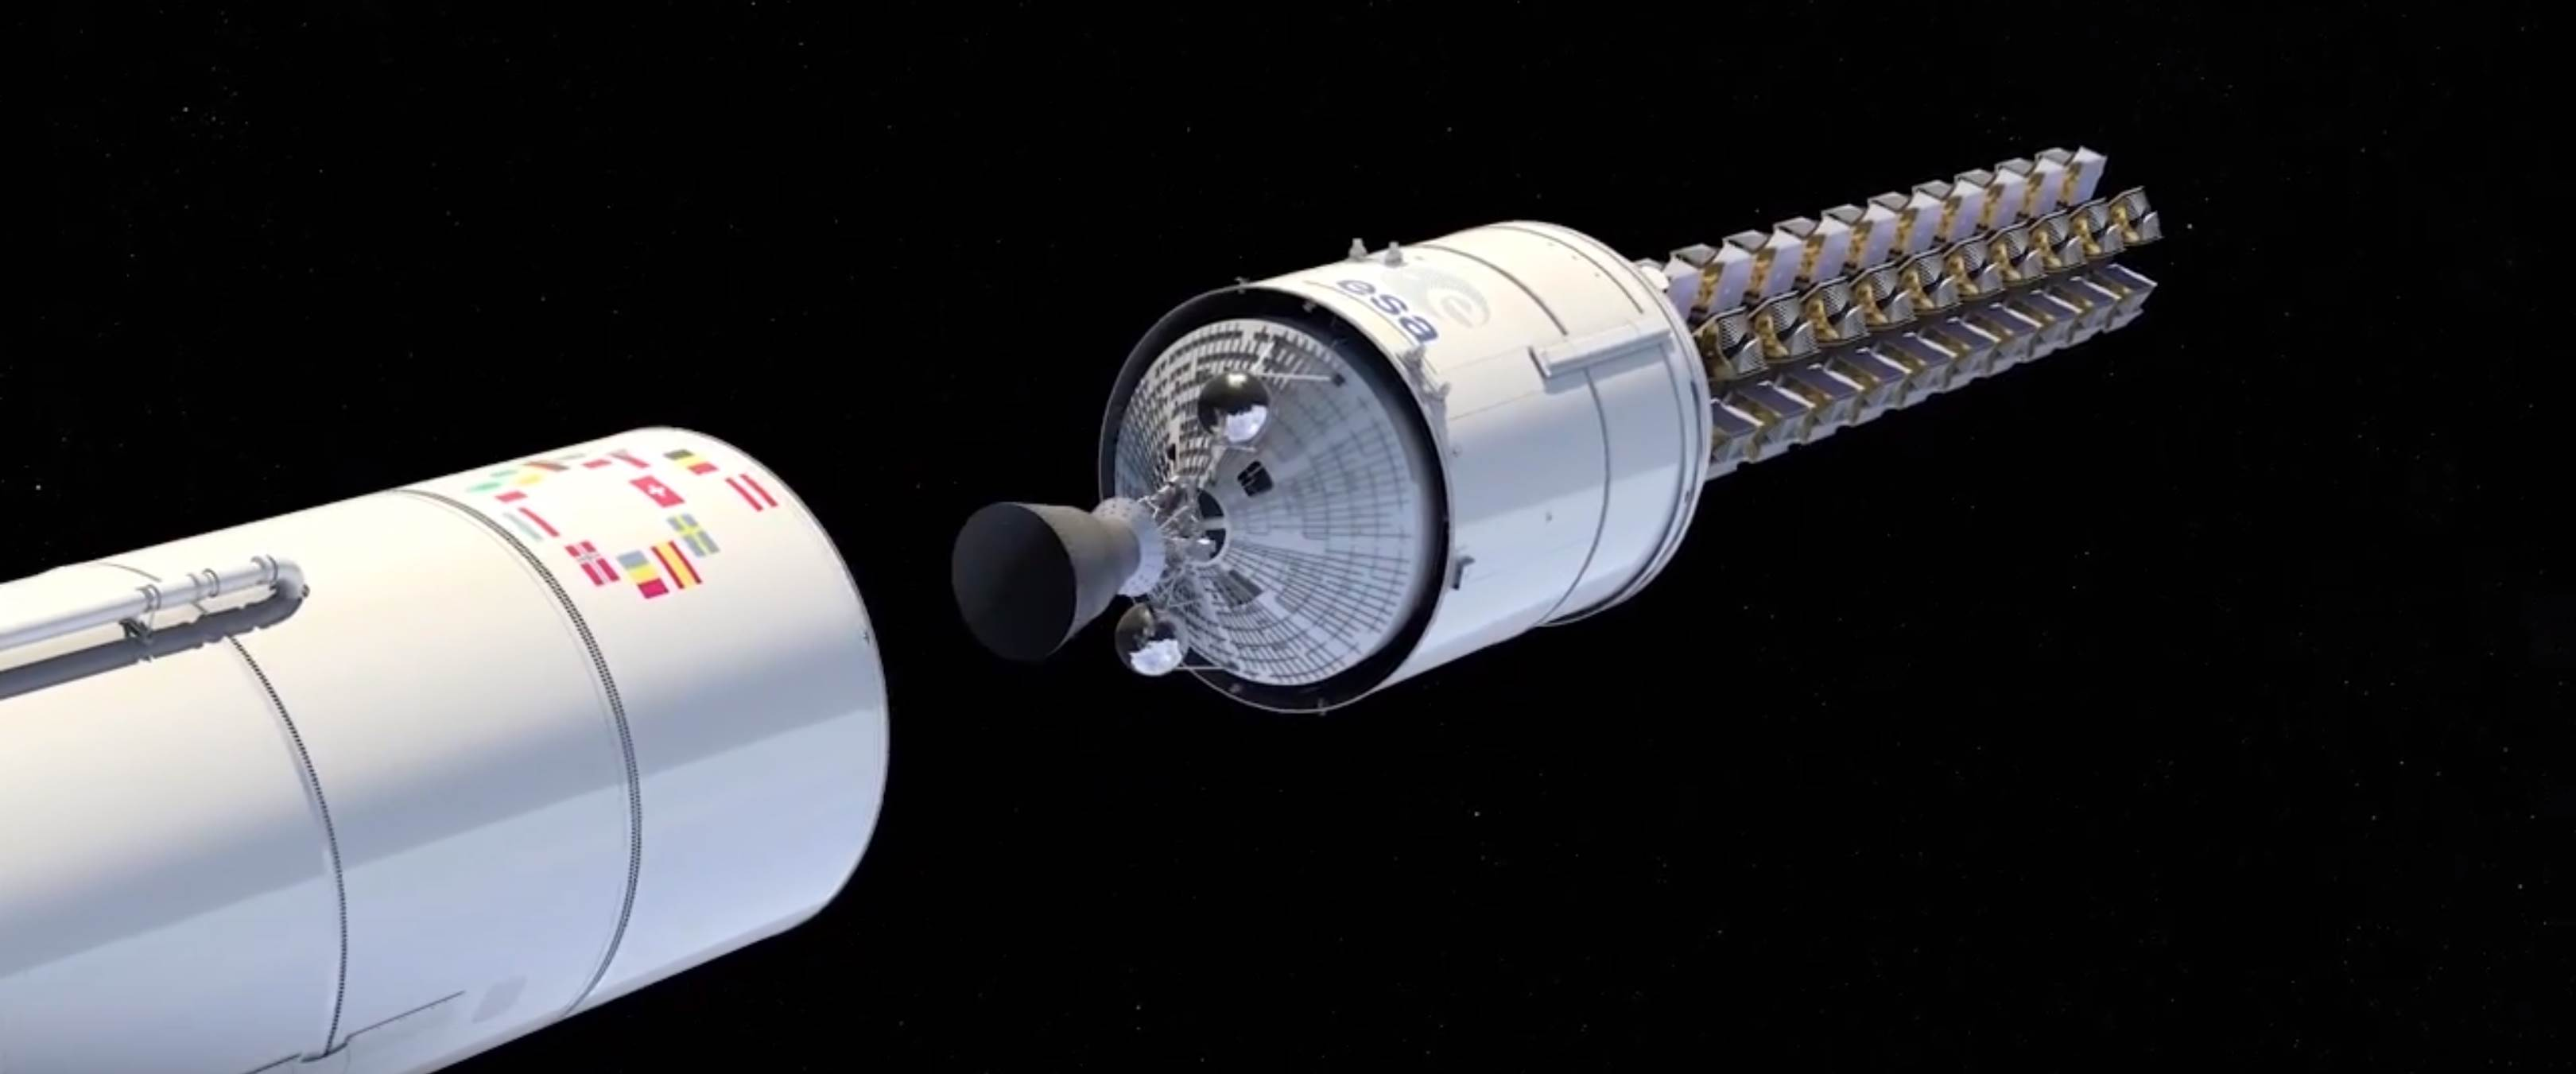 Ariane 6 OneWeb constellation dispenser (Arianespace) 3